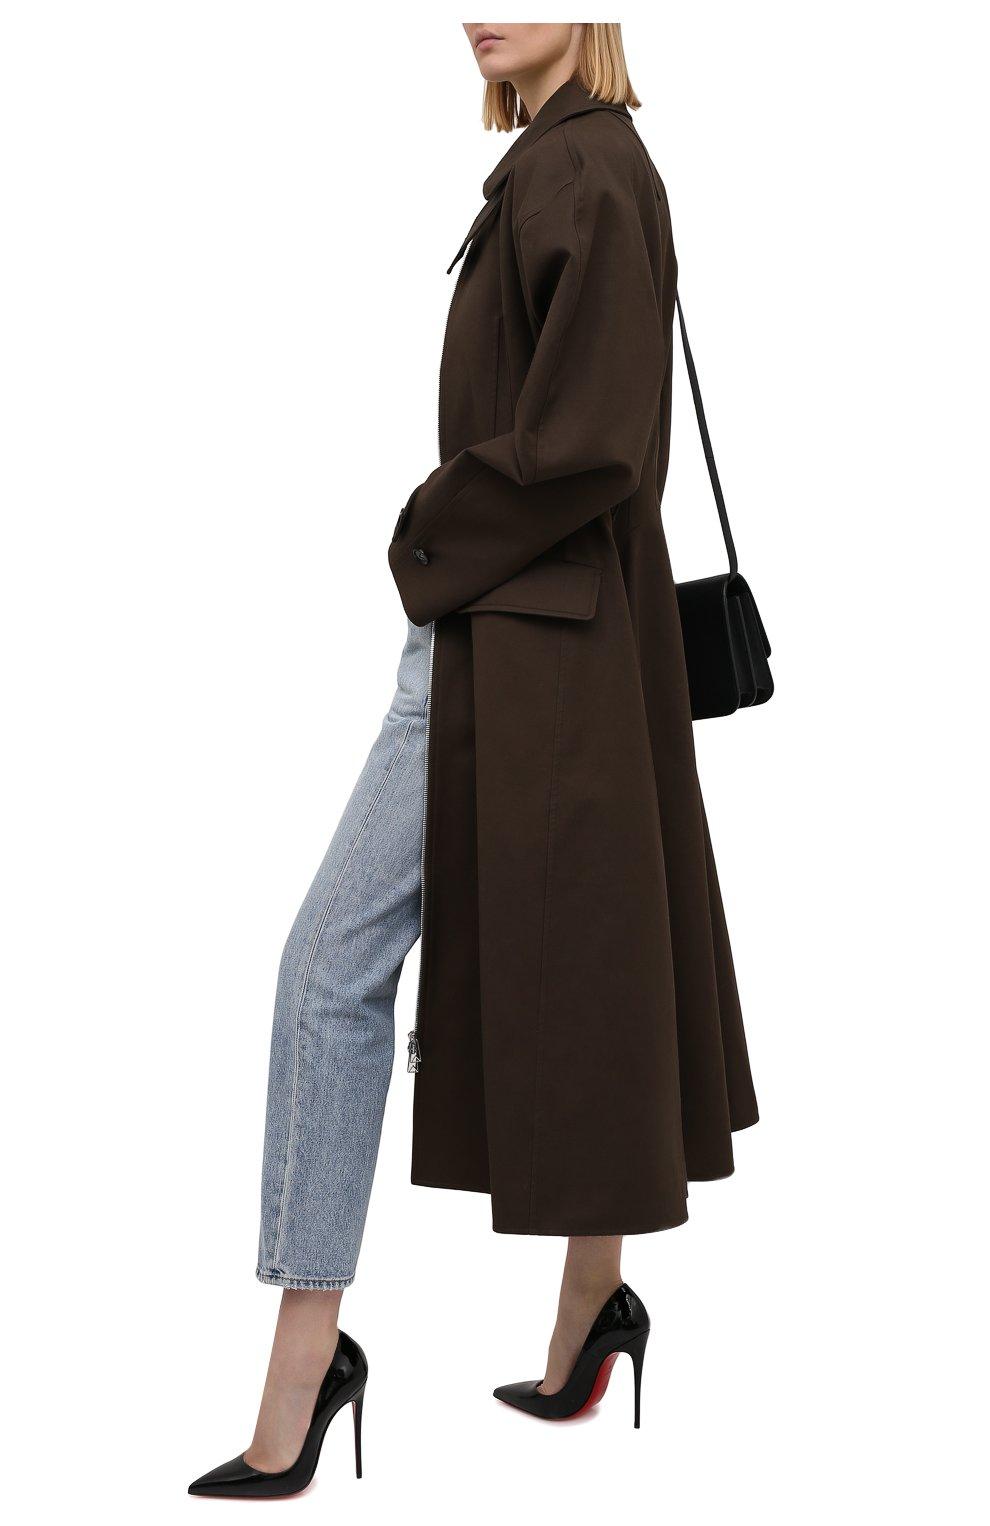 Женские кожаные туфли so kate 120 CHRISTIAN LOUBOUTIN черного цвета, арт. 3130694/S0 KATE 120 | Фото 2